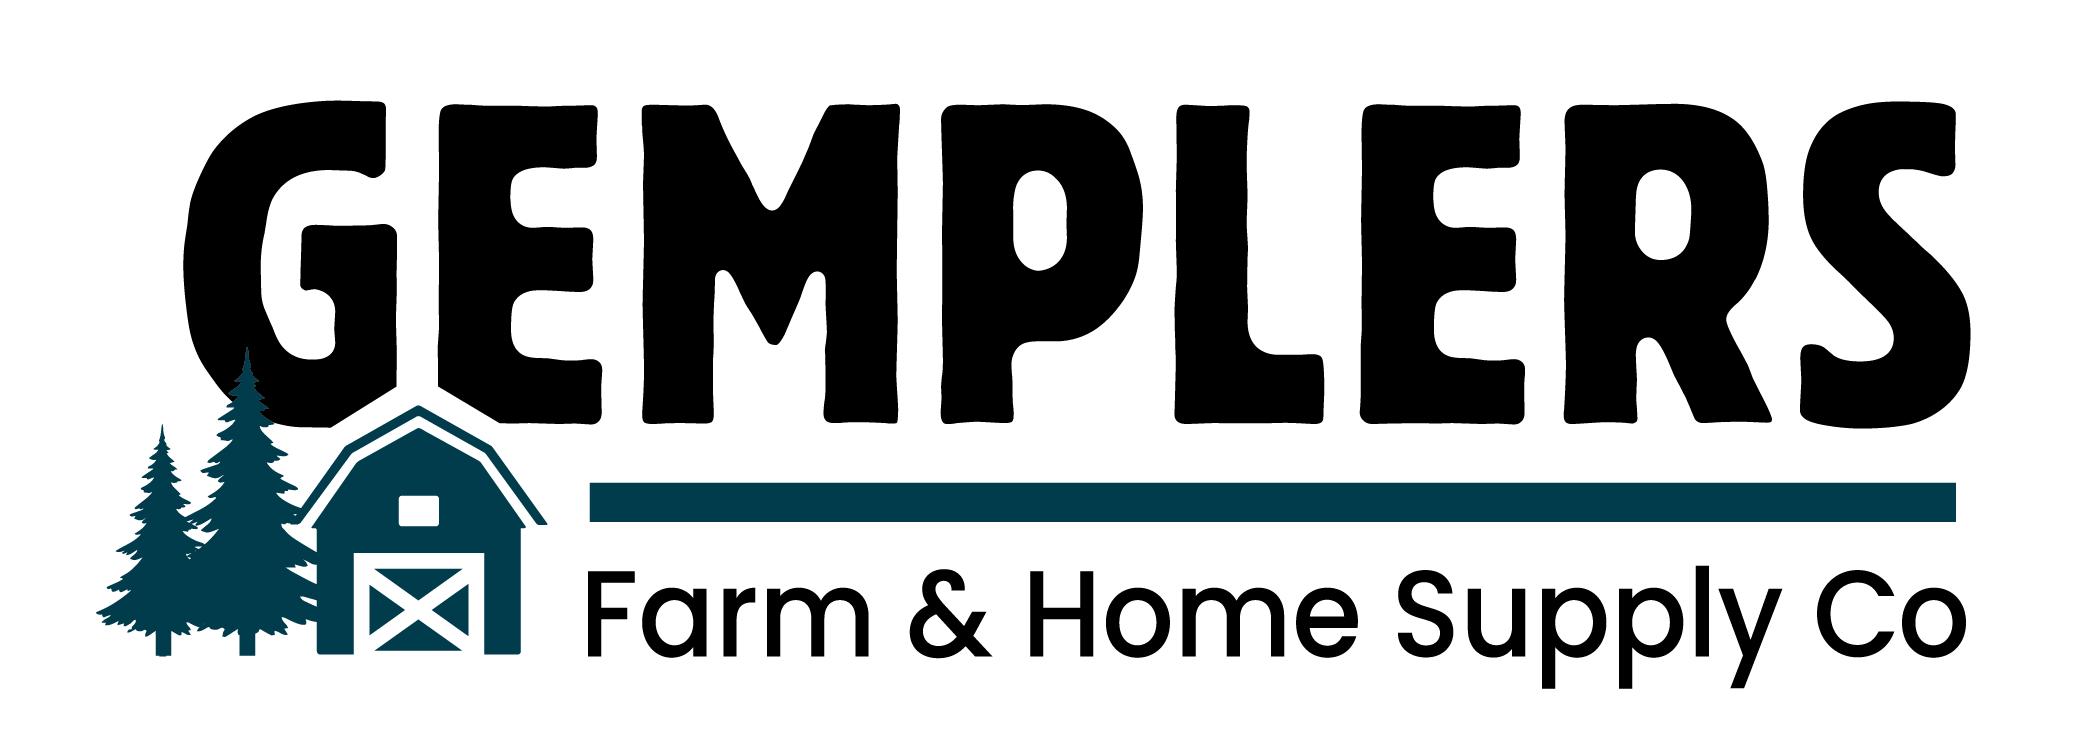 Gempler's logo Image